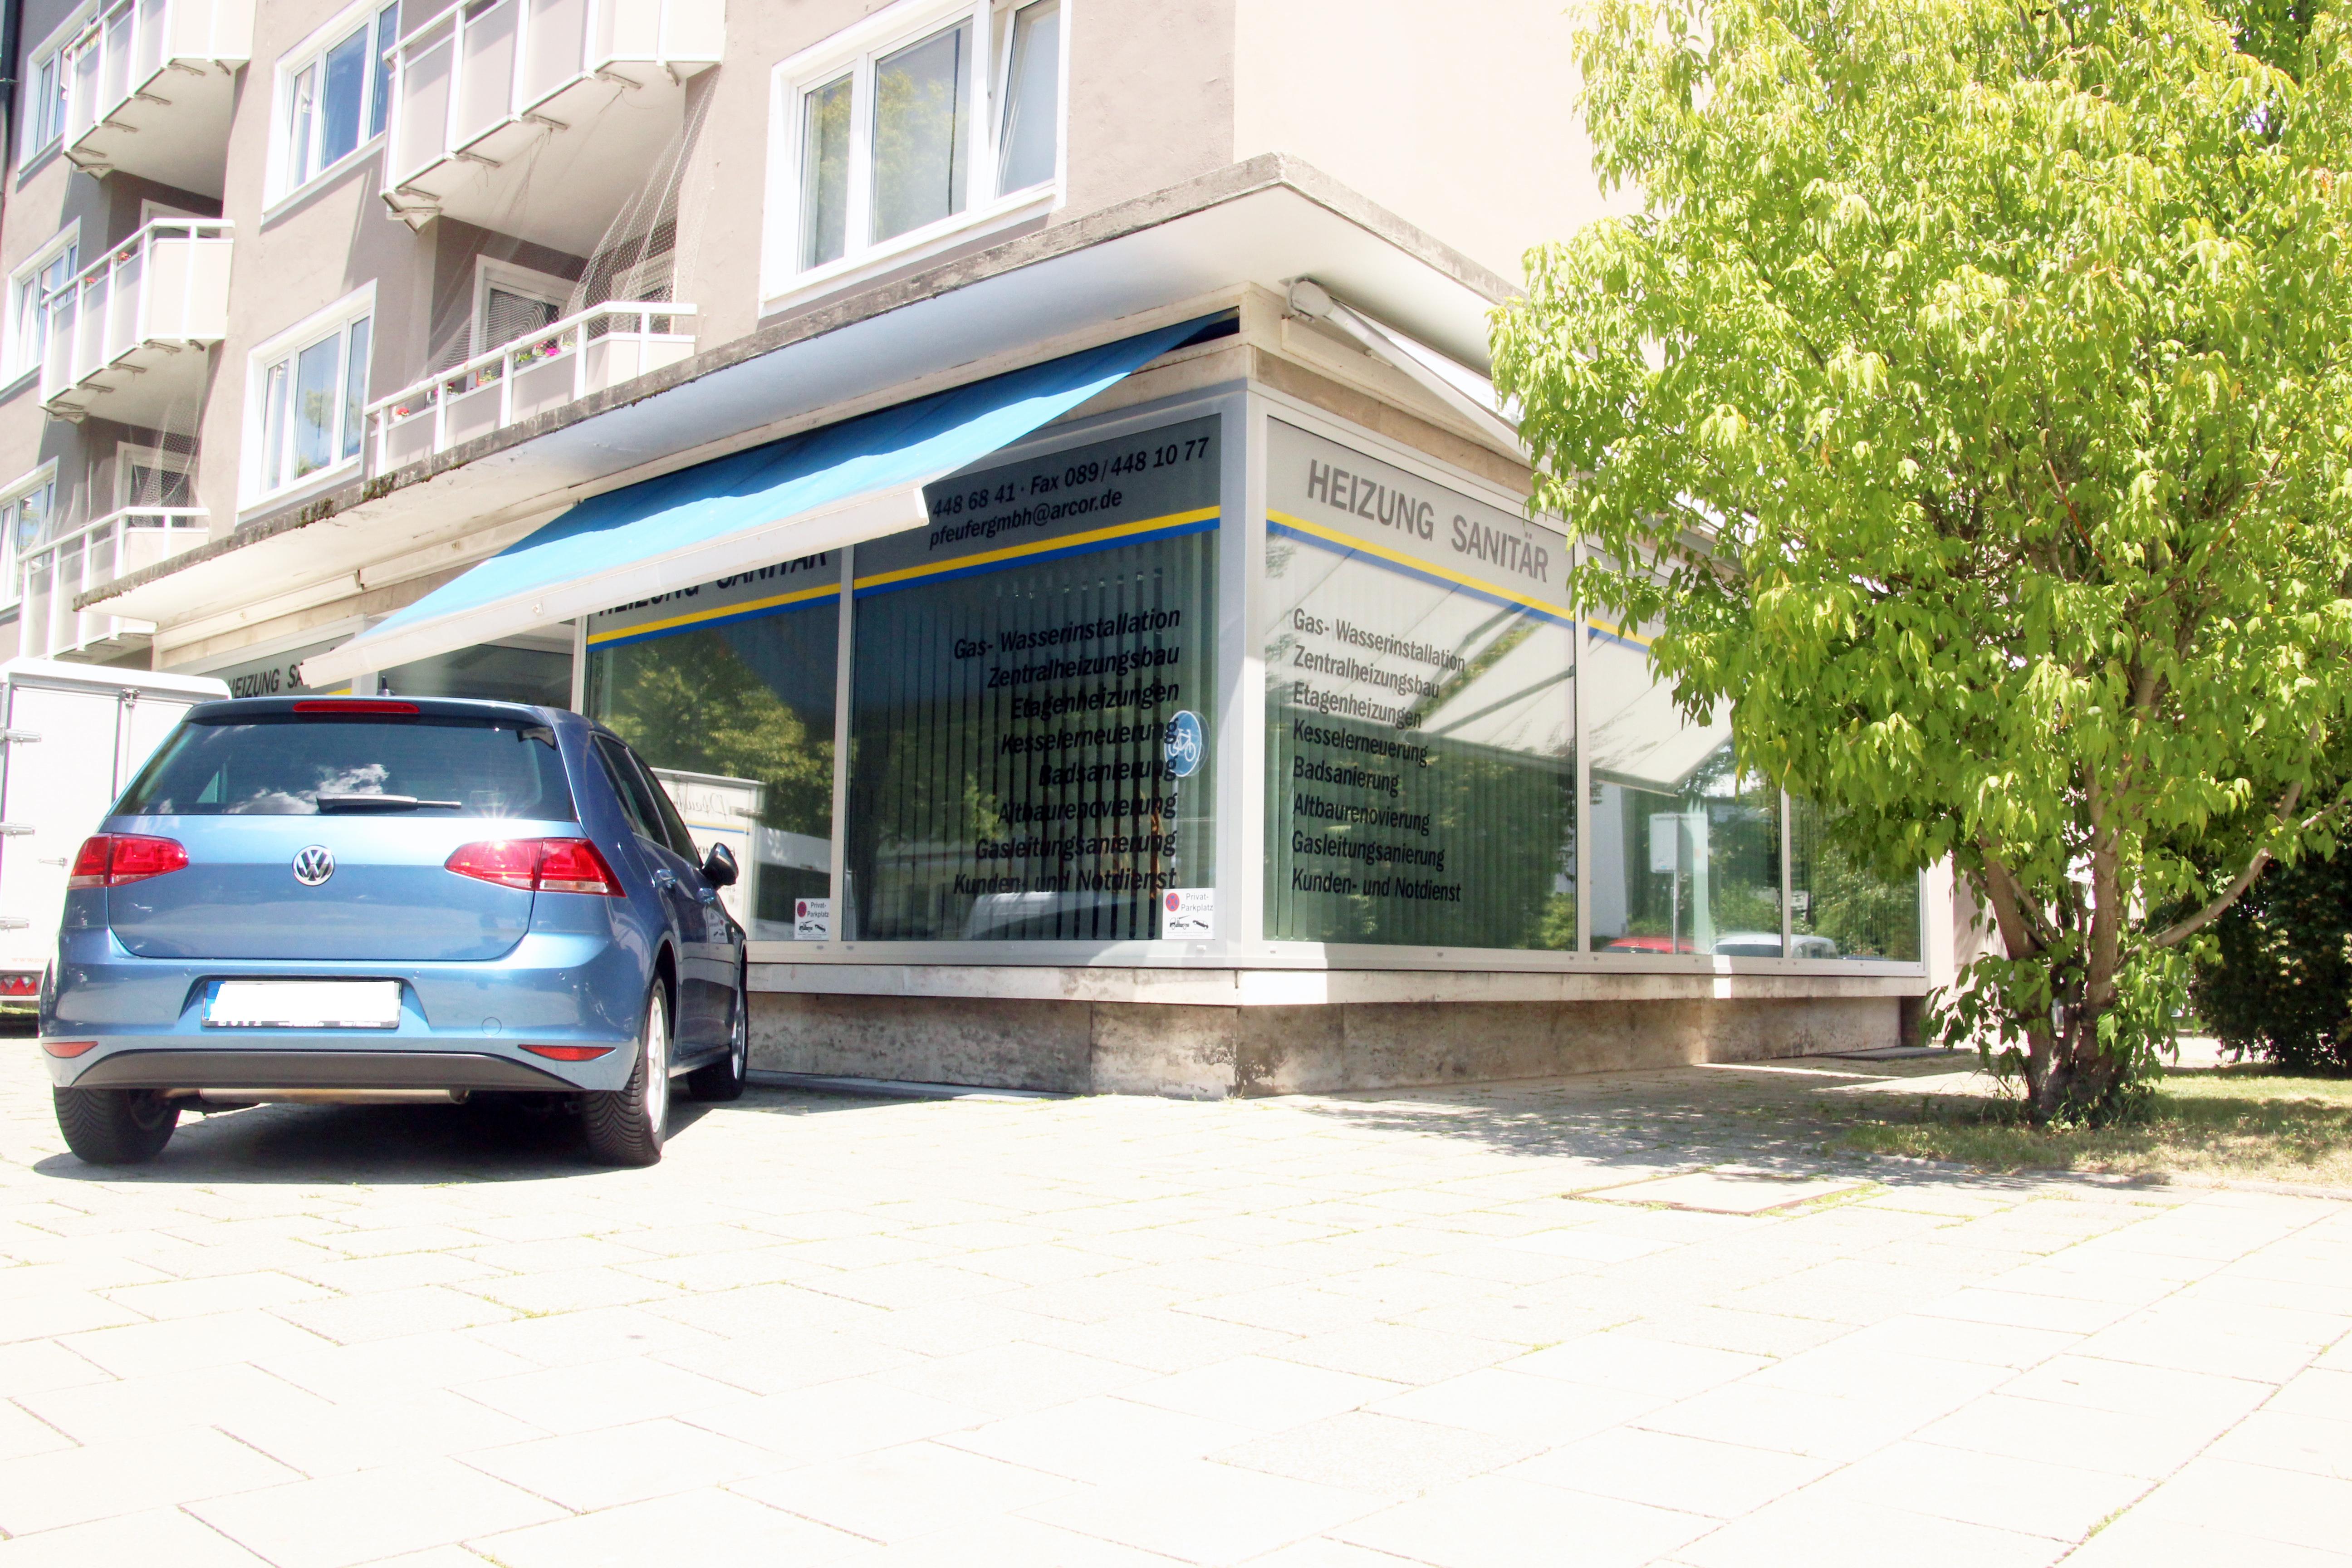 Pfeufer GmbH – Heizung und Sanitär in München Sendling